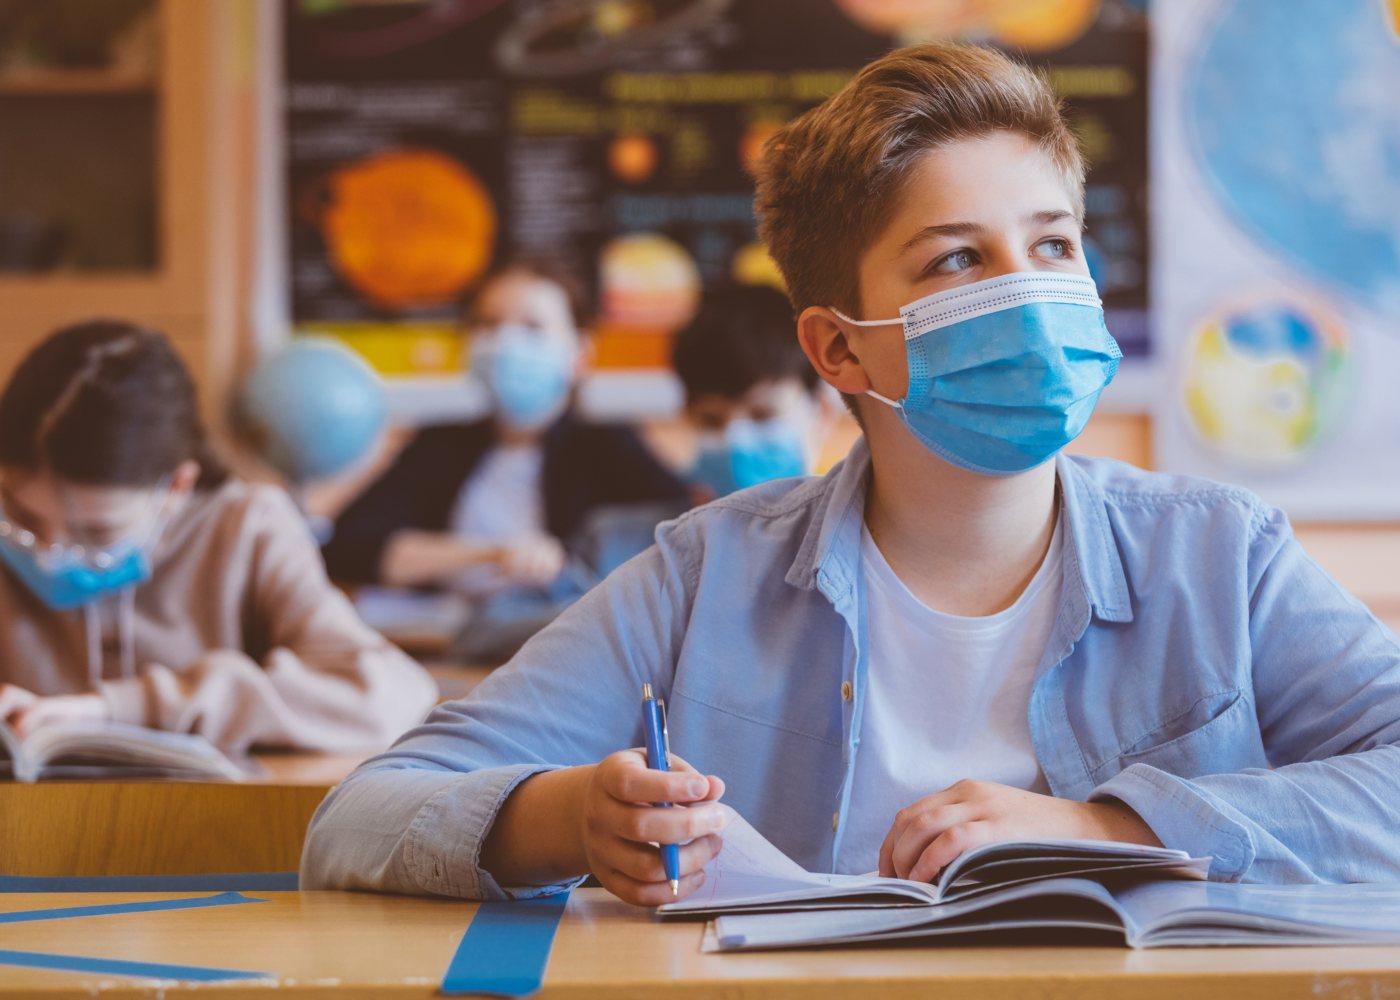 jovem com máscara na sala de aula